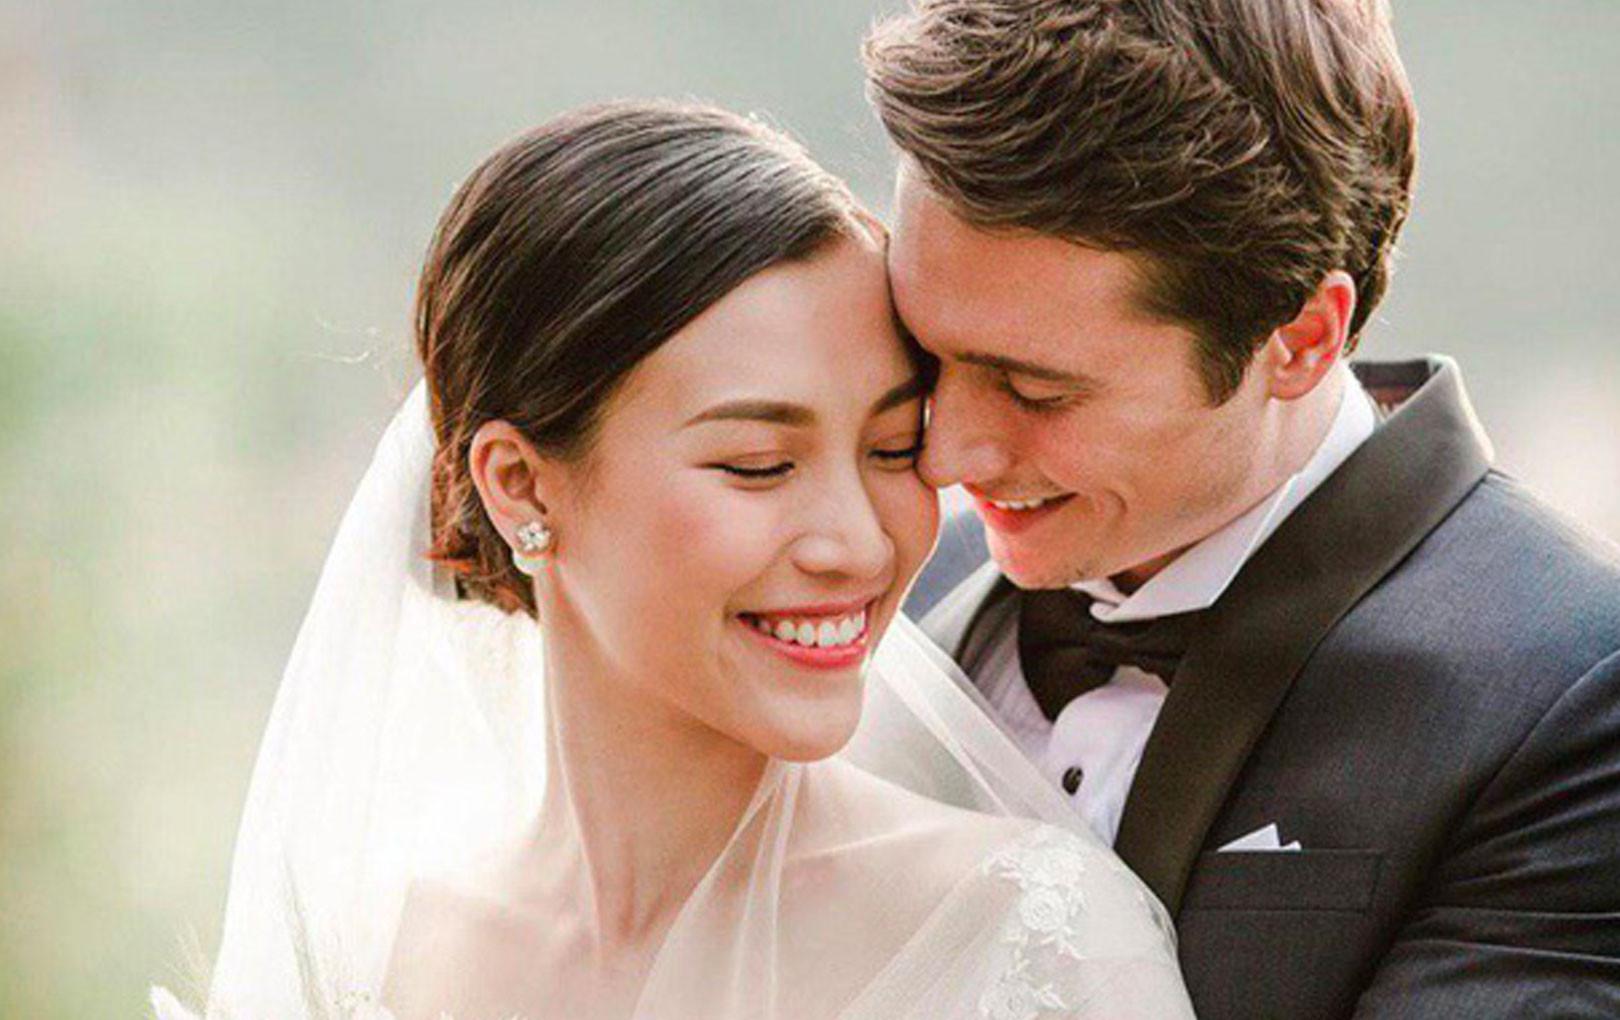 MC Hoàng Oanh công khai cận mặt chồng Tây sắp cưới, háo hức đếm ngược từng ngày chính thức thành cô dâu